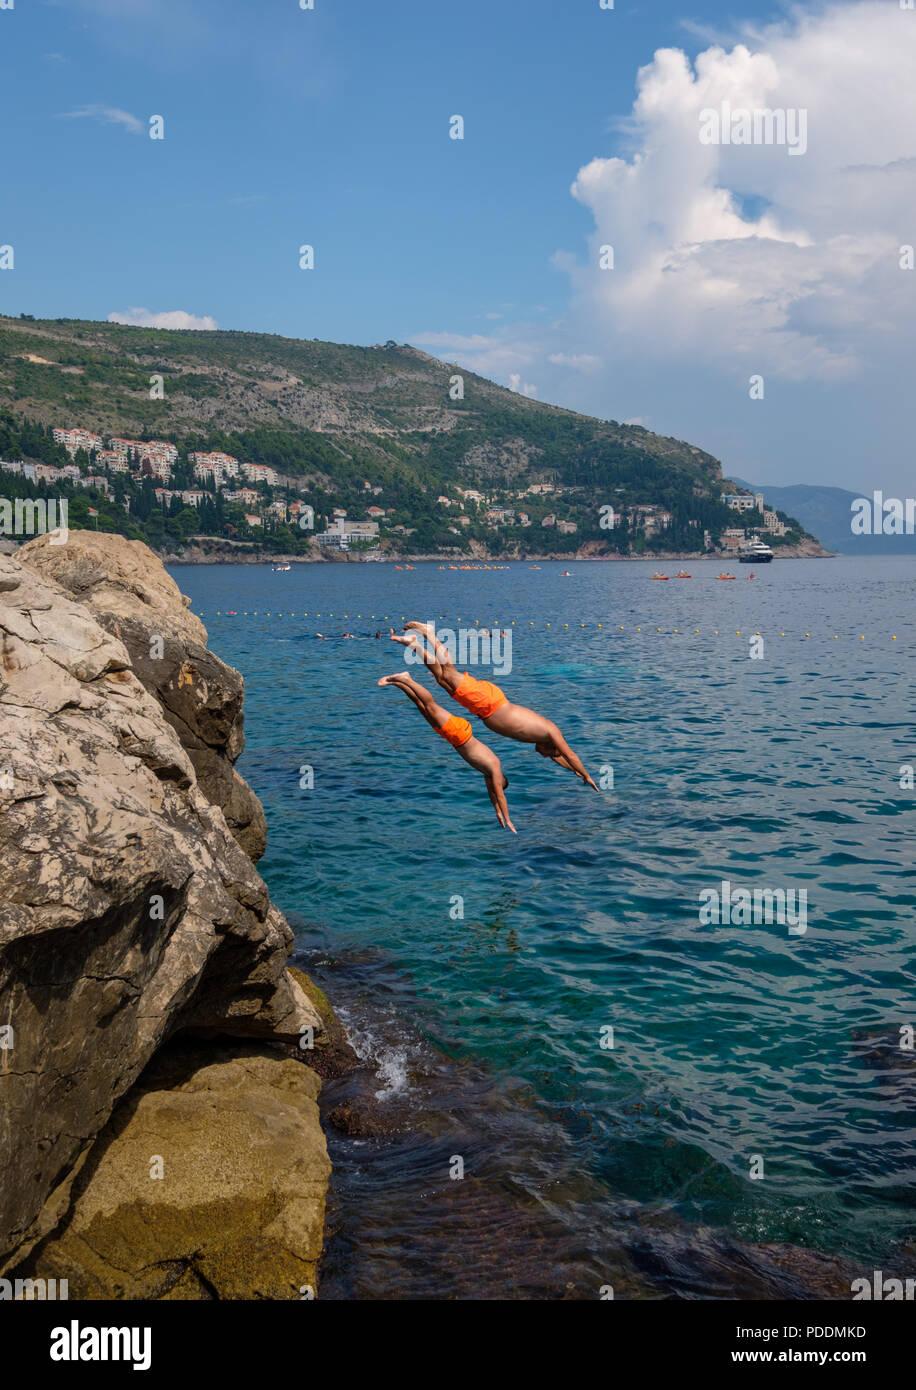 Il ragazzo si prepara a saltare da un dirupo nel mare Adriatico a Dubrovnik, Croazia, Europa Immagini Stock